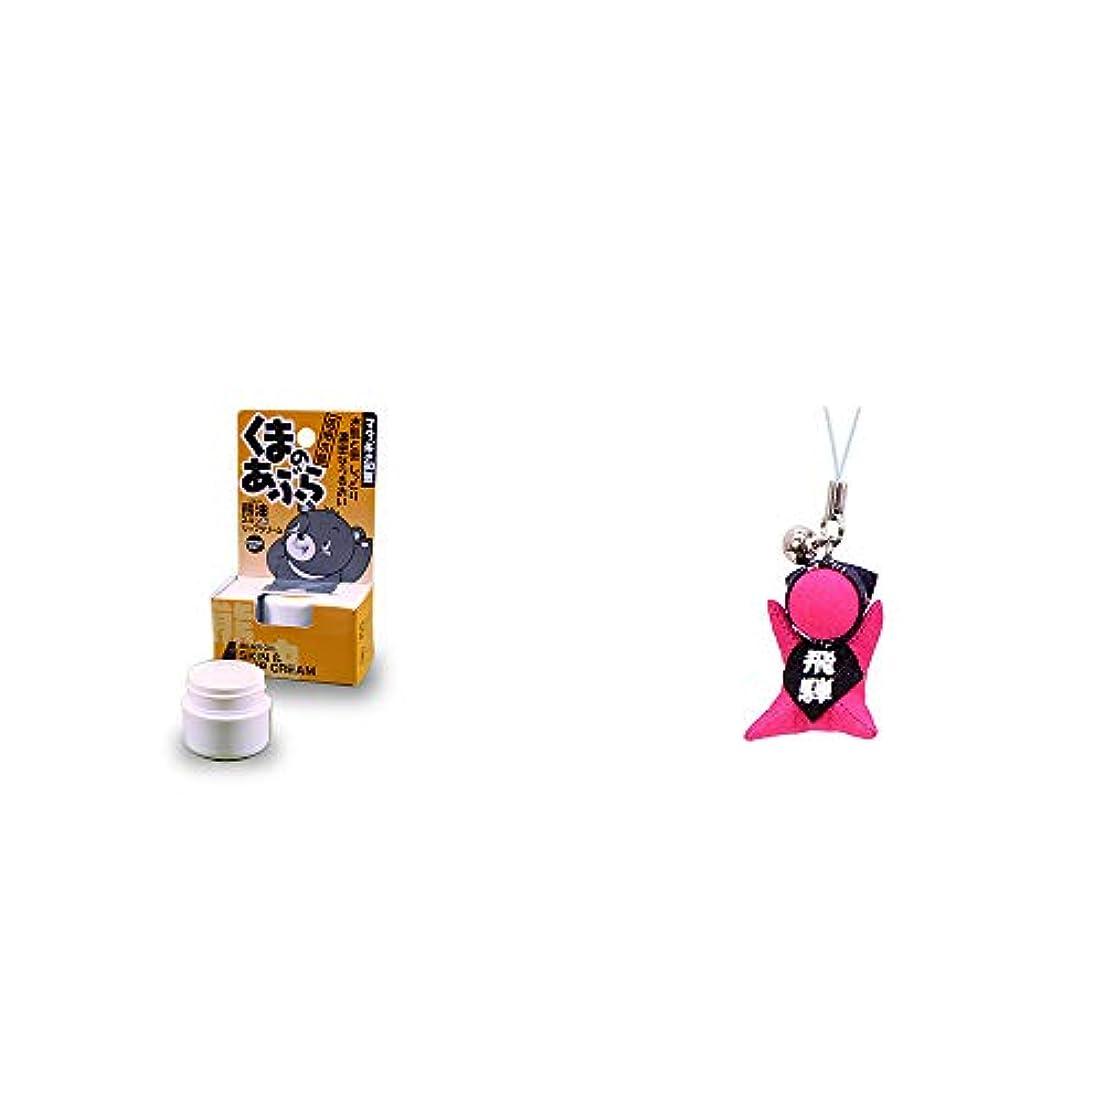 ふざけたバッテリーすごい[2点セット] 信州木曽 くまのあぶら 熊油スキン&リップクリーム(9g)?さるぼぼ幸福ストラップ 【ピンク】 / 風水カラー全9種類 縁結び?恋愛(出会い) お守り//